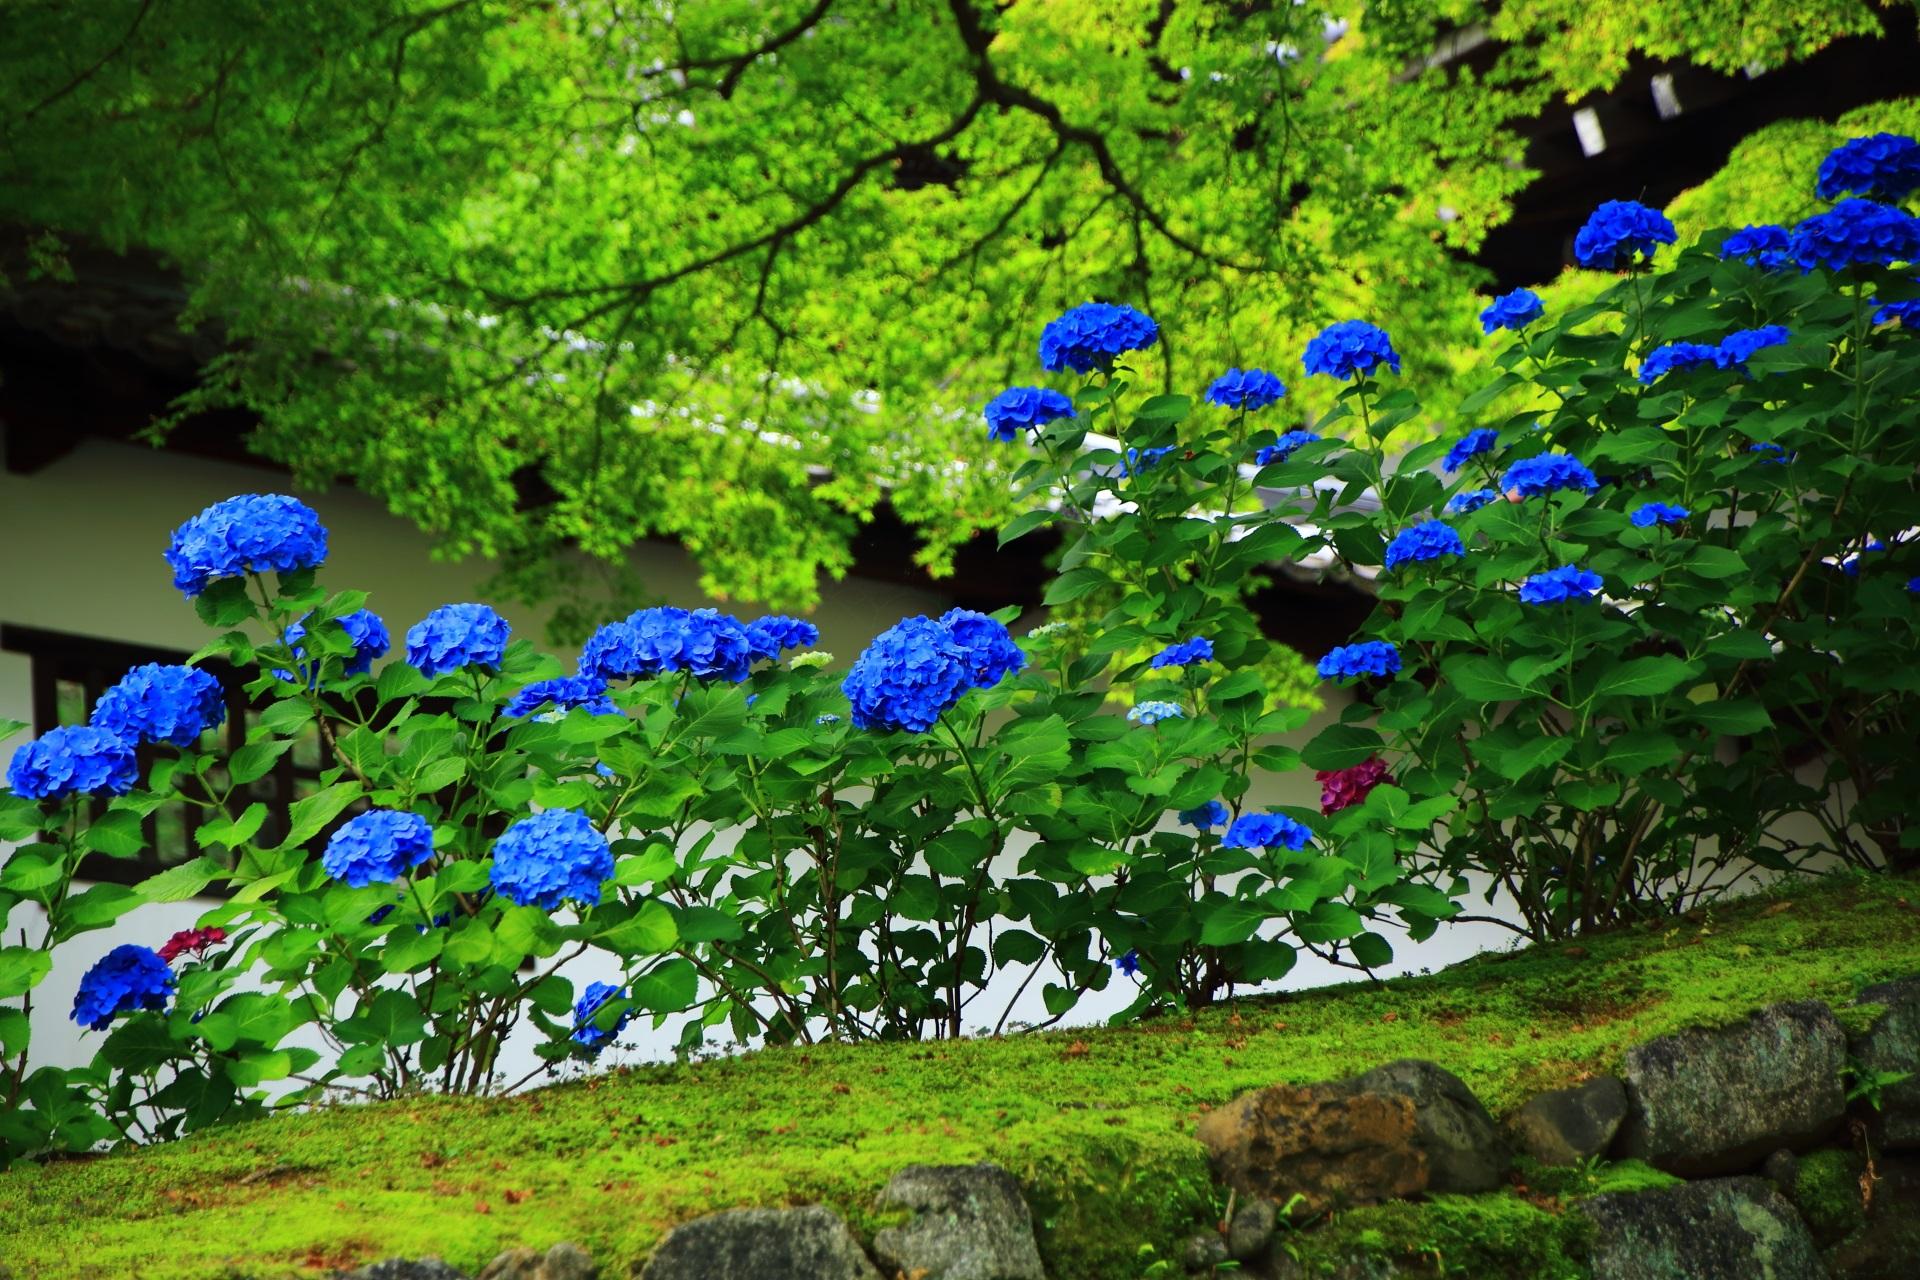 青もみじと苔の中で映える青いアジサイ